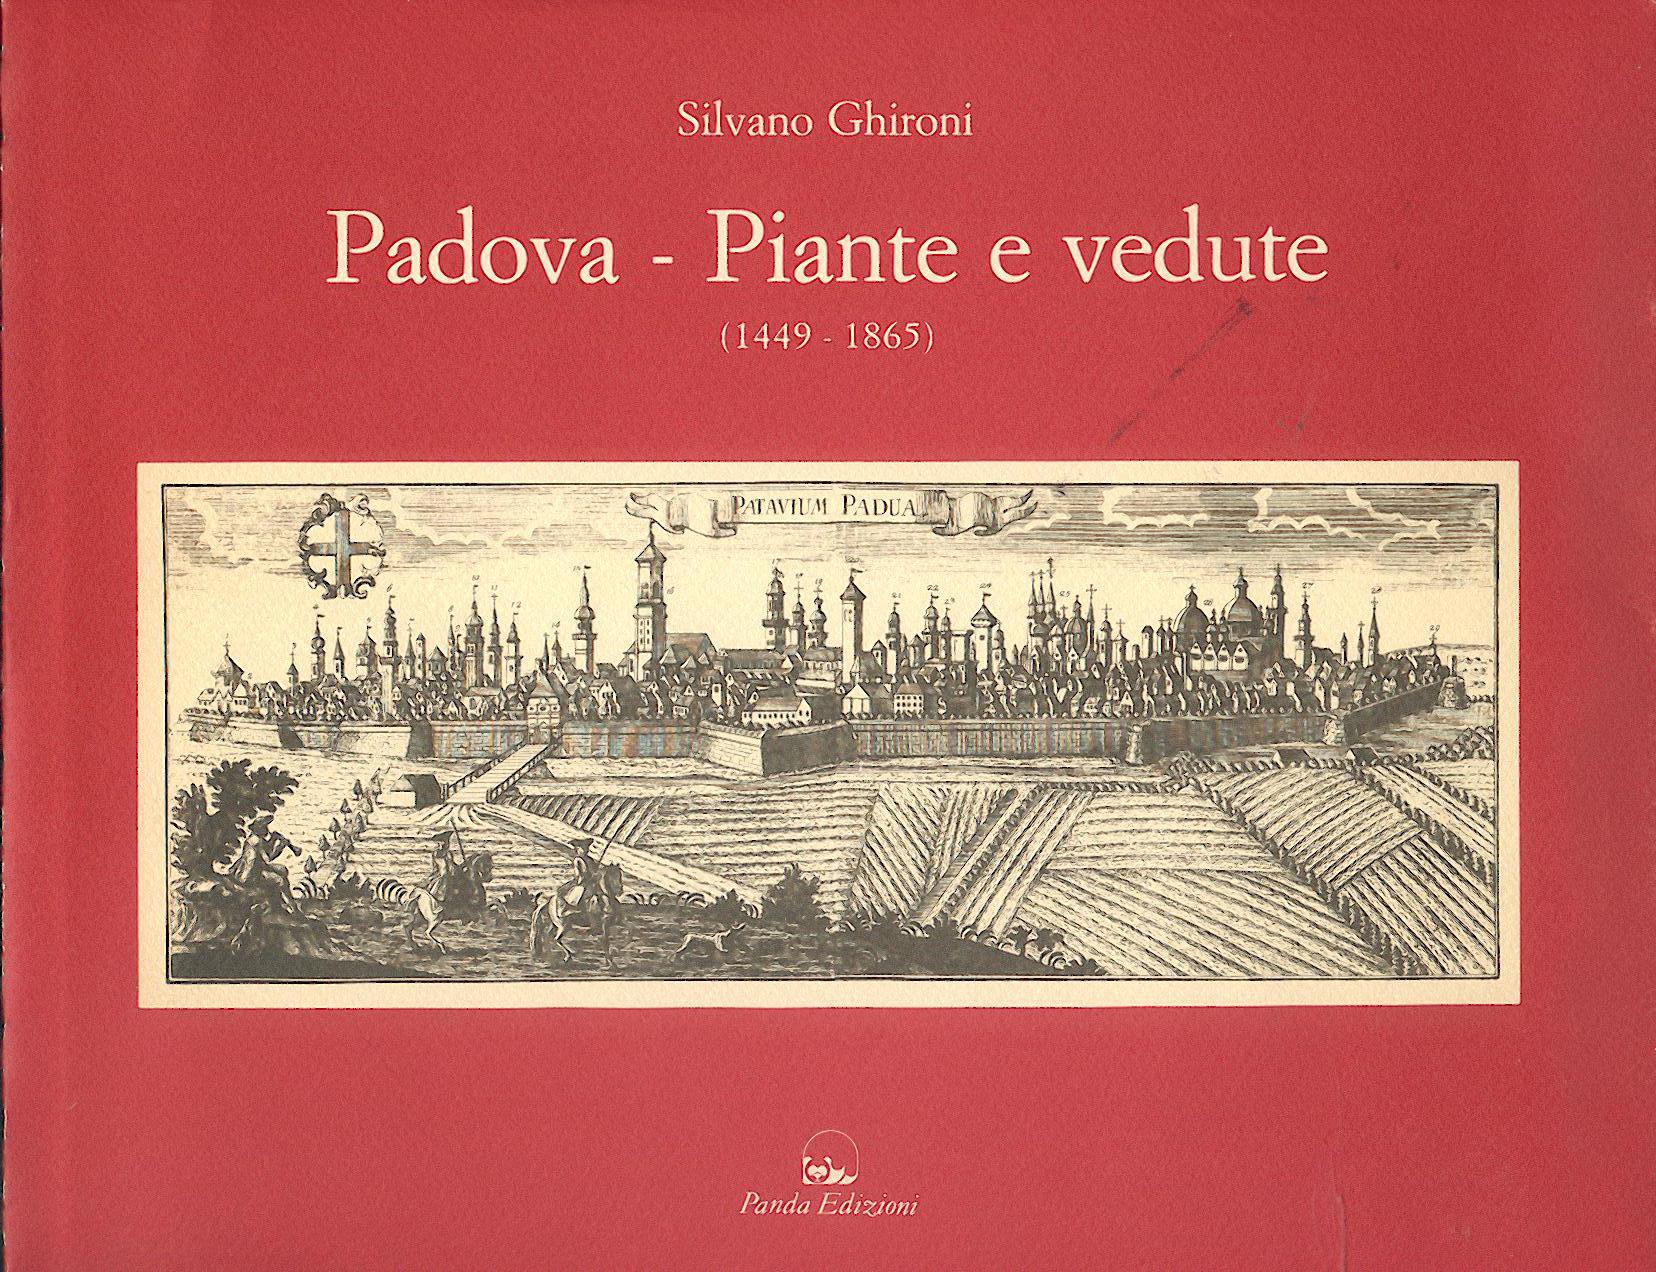 Padova - Piante e vedute